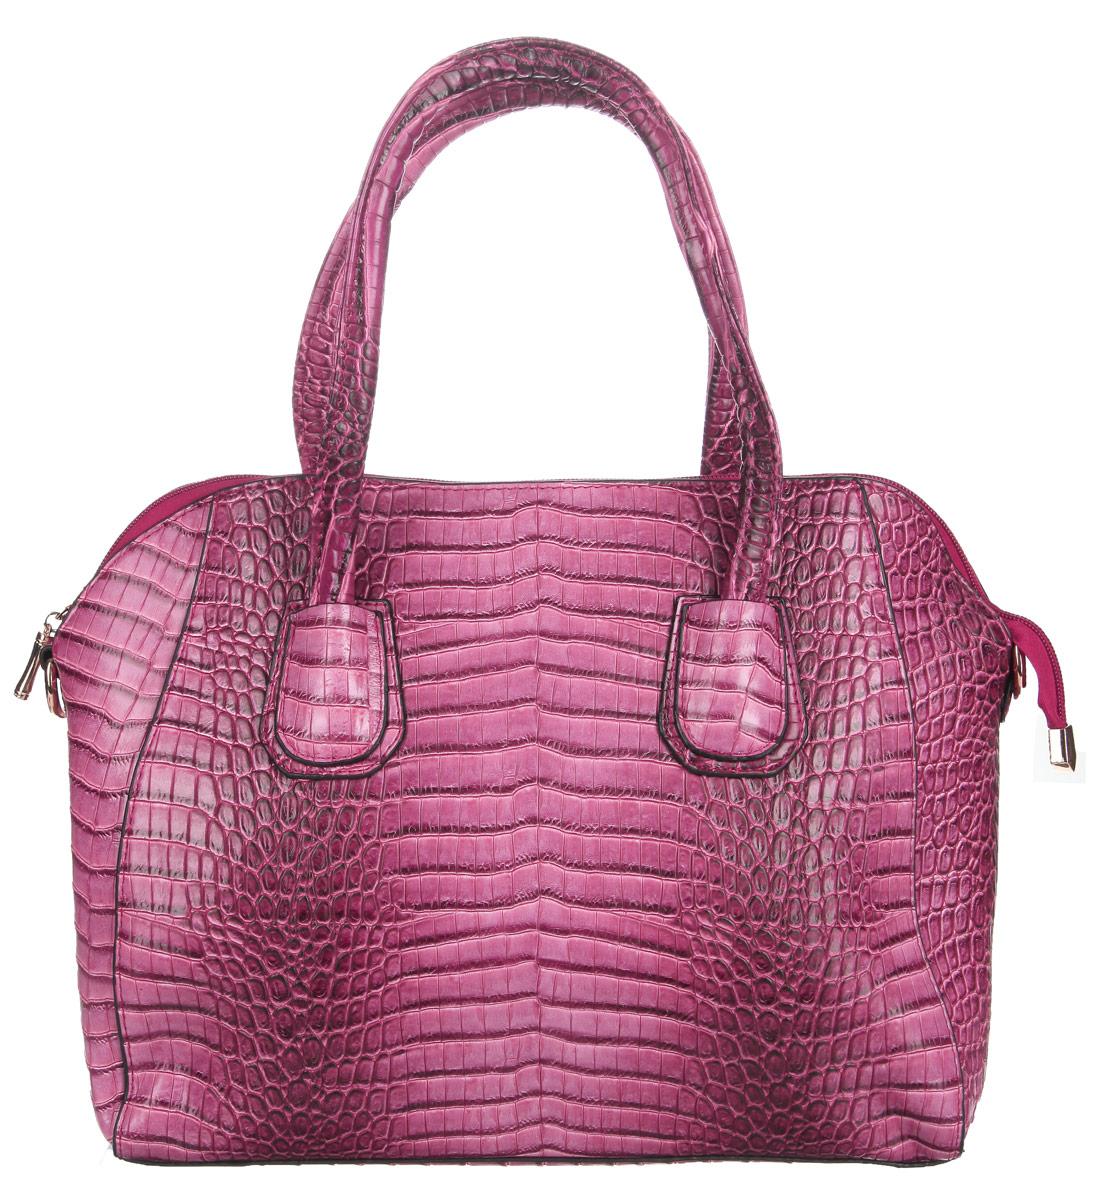 Сумка женская Flioraj, цвет: малиновый. 8652186521 краснЭлегантная сумка Flioraj выполнена из искусственной кожи c тиснением под рептилию. Изделие содержит одно отделение, разделенное пополам карманом-средником на застежке-молнии. Застегивается сумка на застежку-молнию. Внутри расположены два накладных кармана для телефона и мелочей, и прорезной карман на застежке-молнии. Снаружи на задней стенке расположен прорезной карман на застежке-молнии. Изделие оснащено удобными ручками. В комплект входит съемный плечевой ремень, длина которого регулируется. Основание дополнено металлическими ножками, защищающими изделие от повреждений. Сумка Flioraj прекрасно дополнит образ и подчеркнет ваш неповторимый стиль.